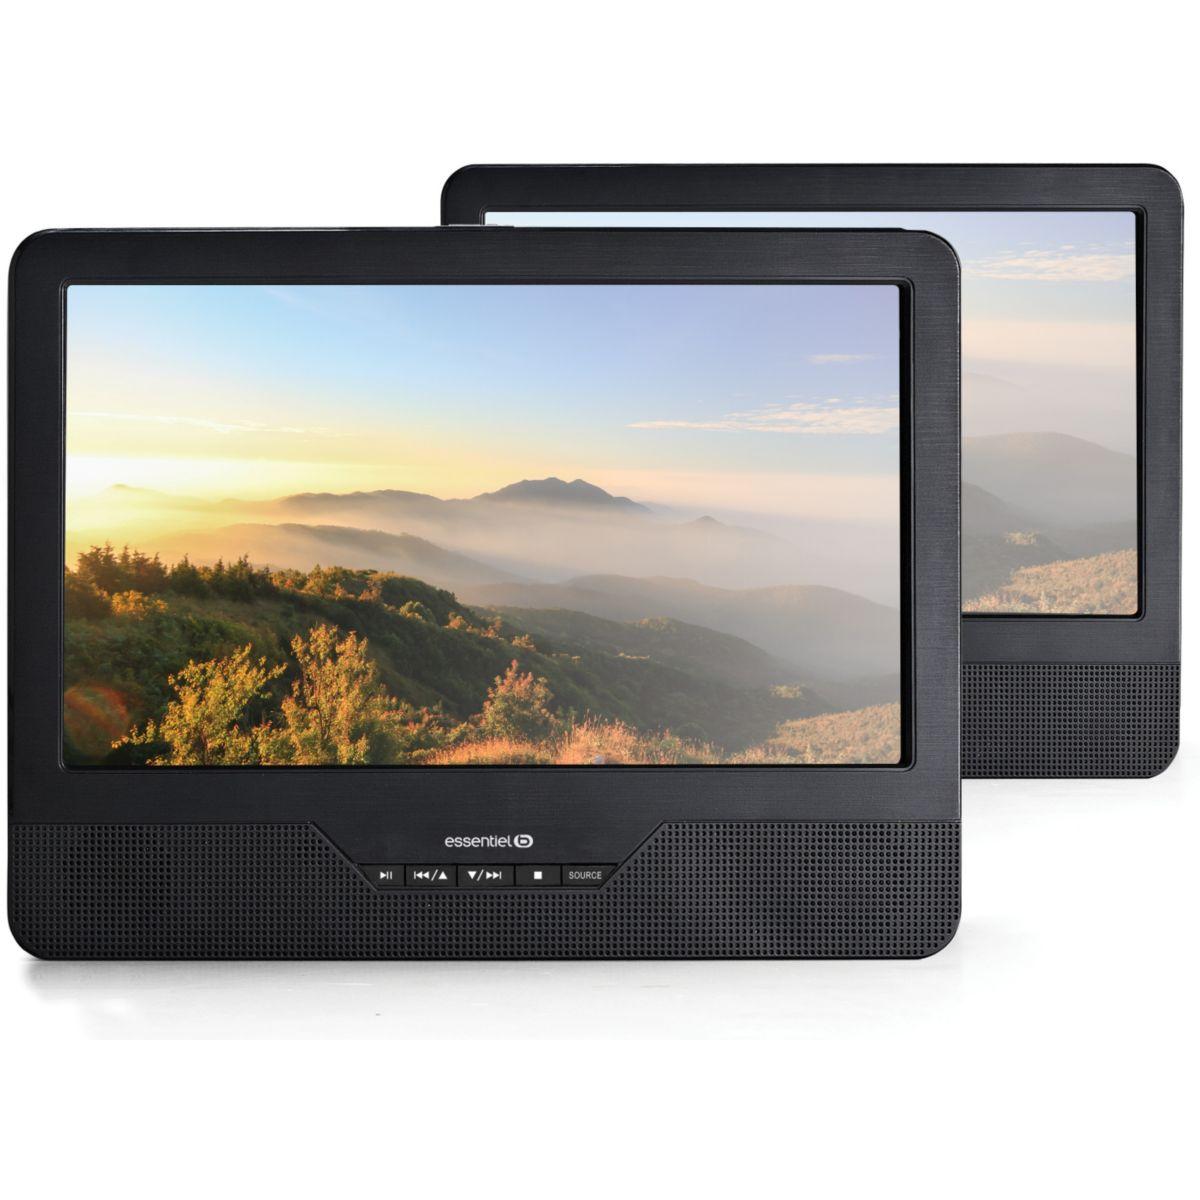 Lecteur DVD portable double écran ESSENTIELB Mobili MS9 + Support Voiture (photo)